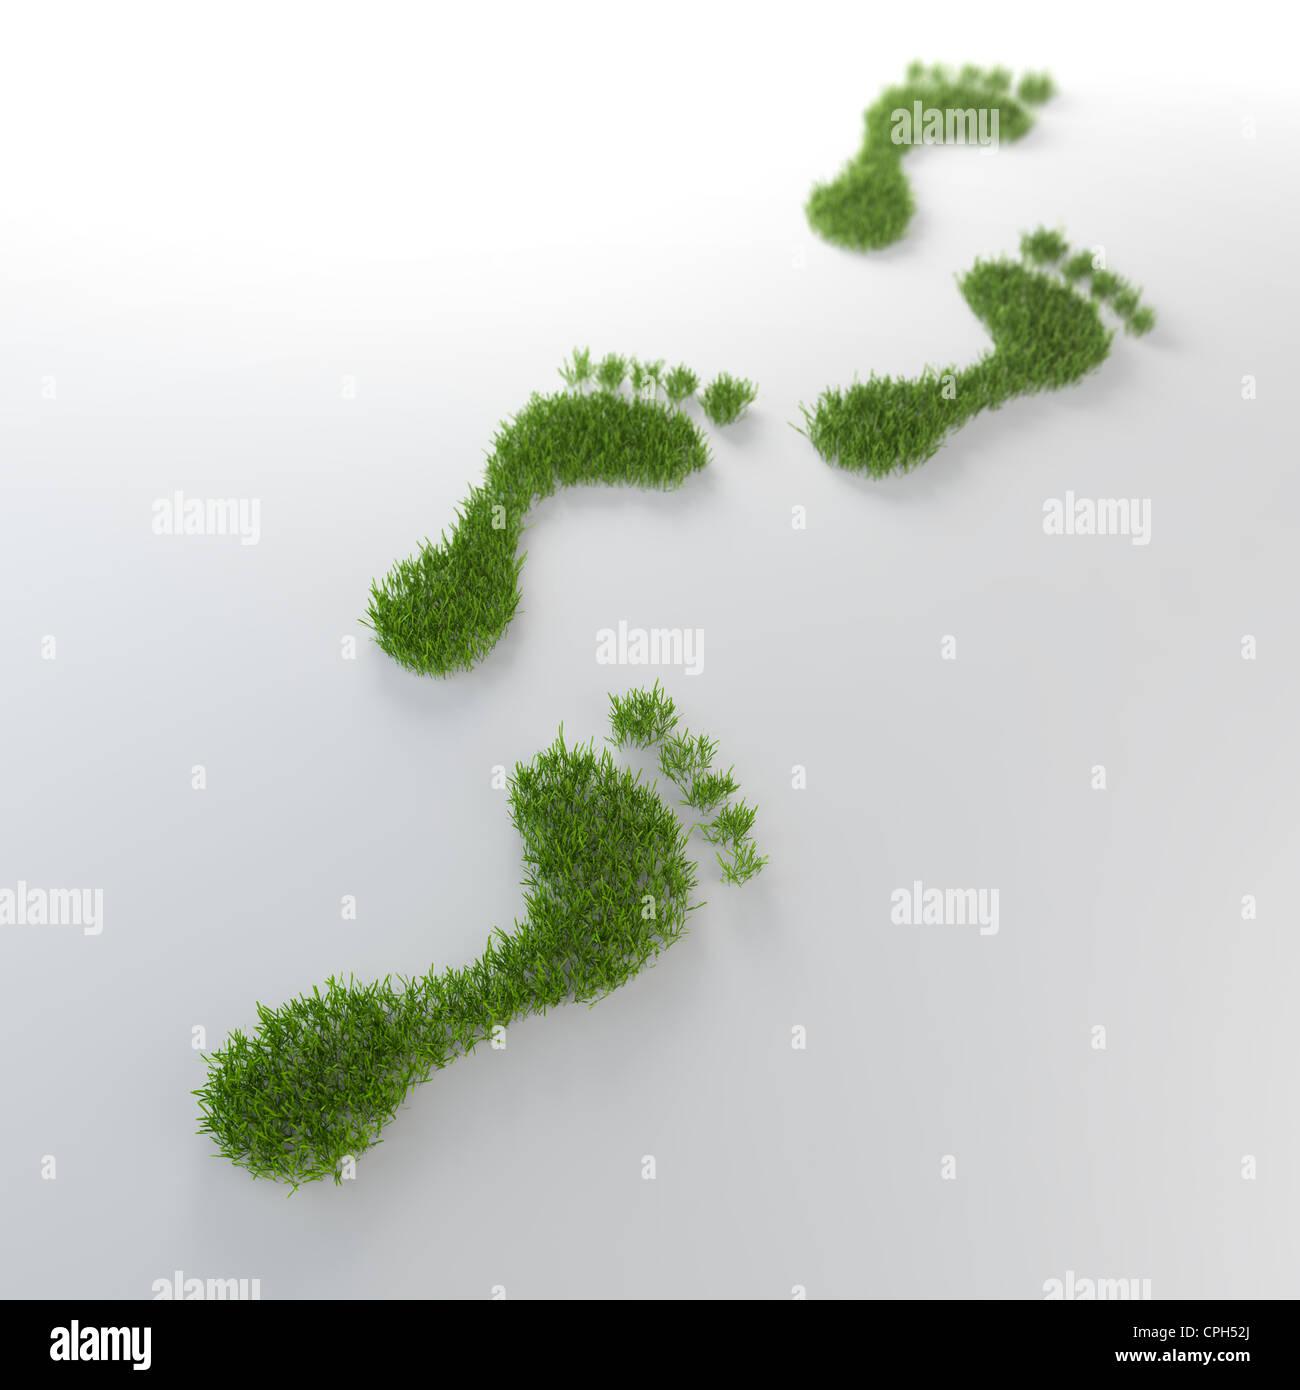 Erba footrpints environmentla - Concetto di impronta Immagini Stock